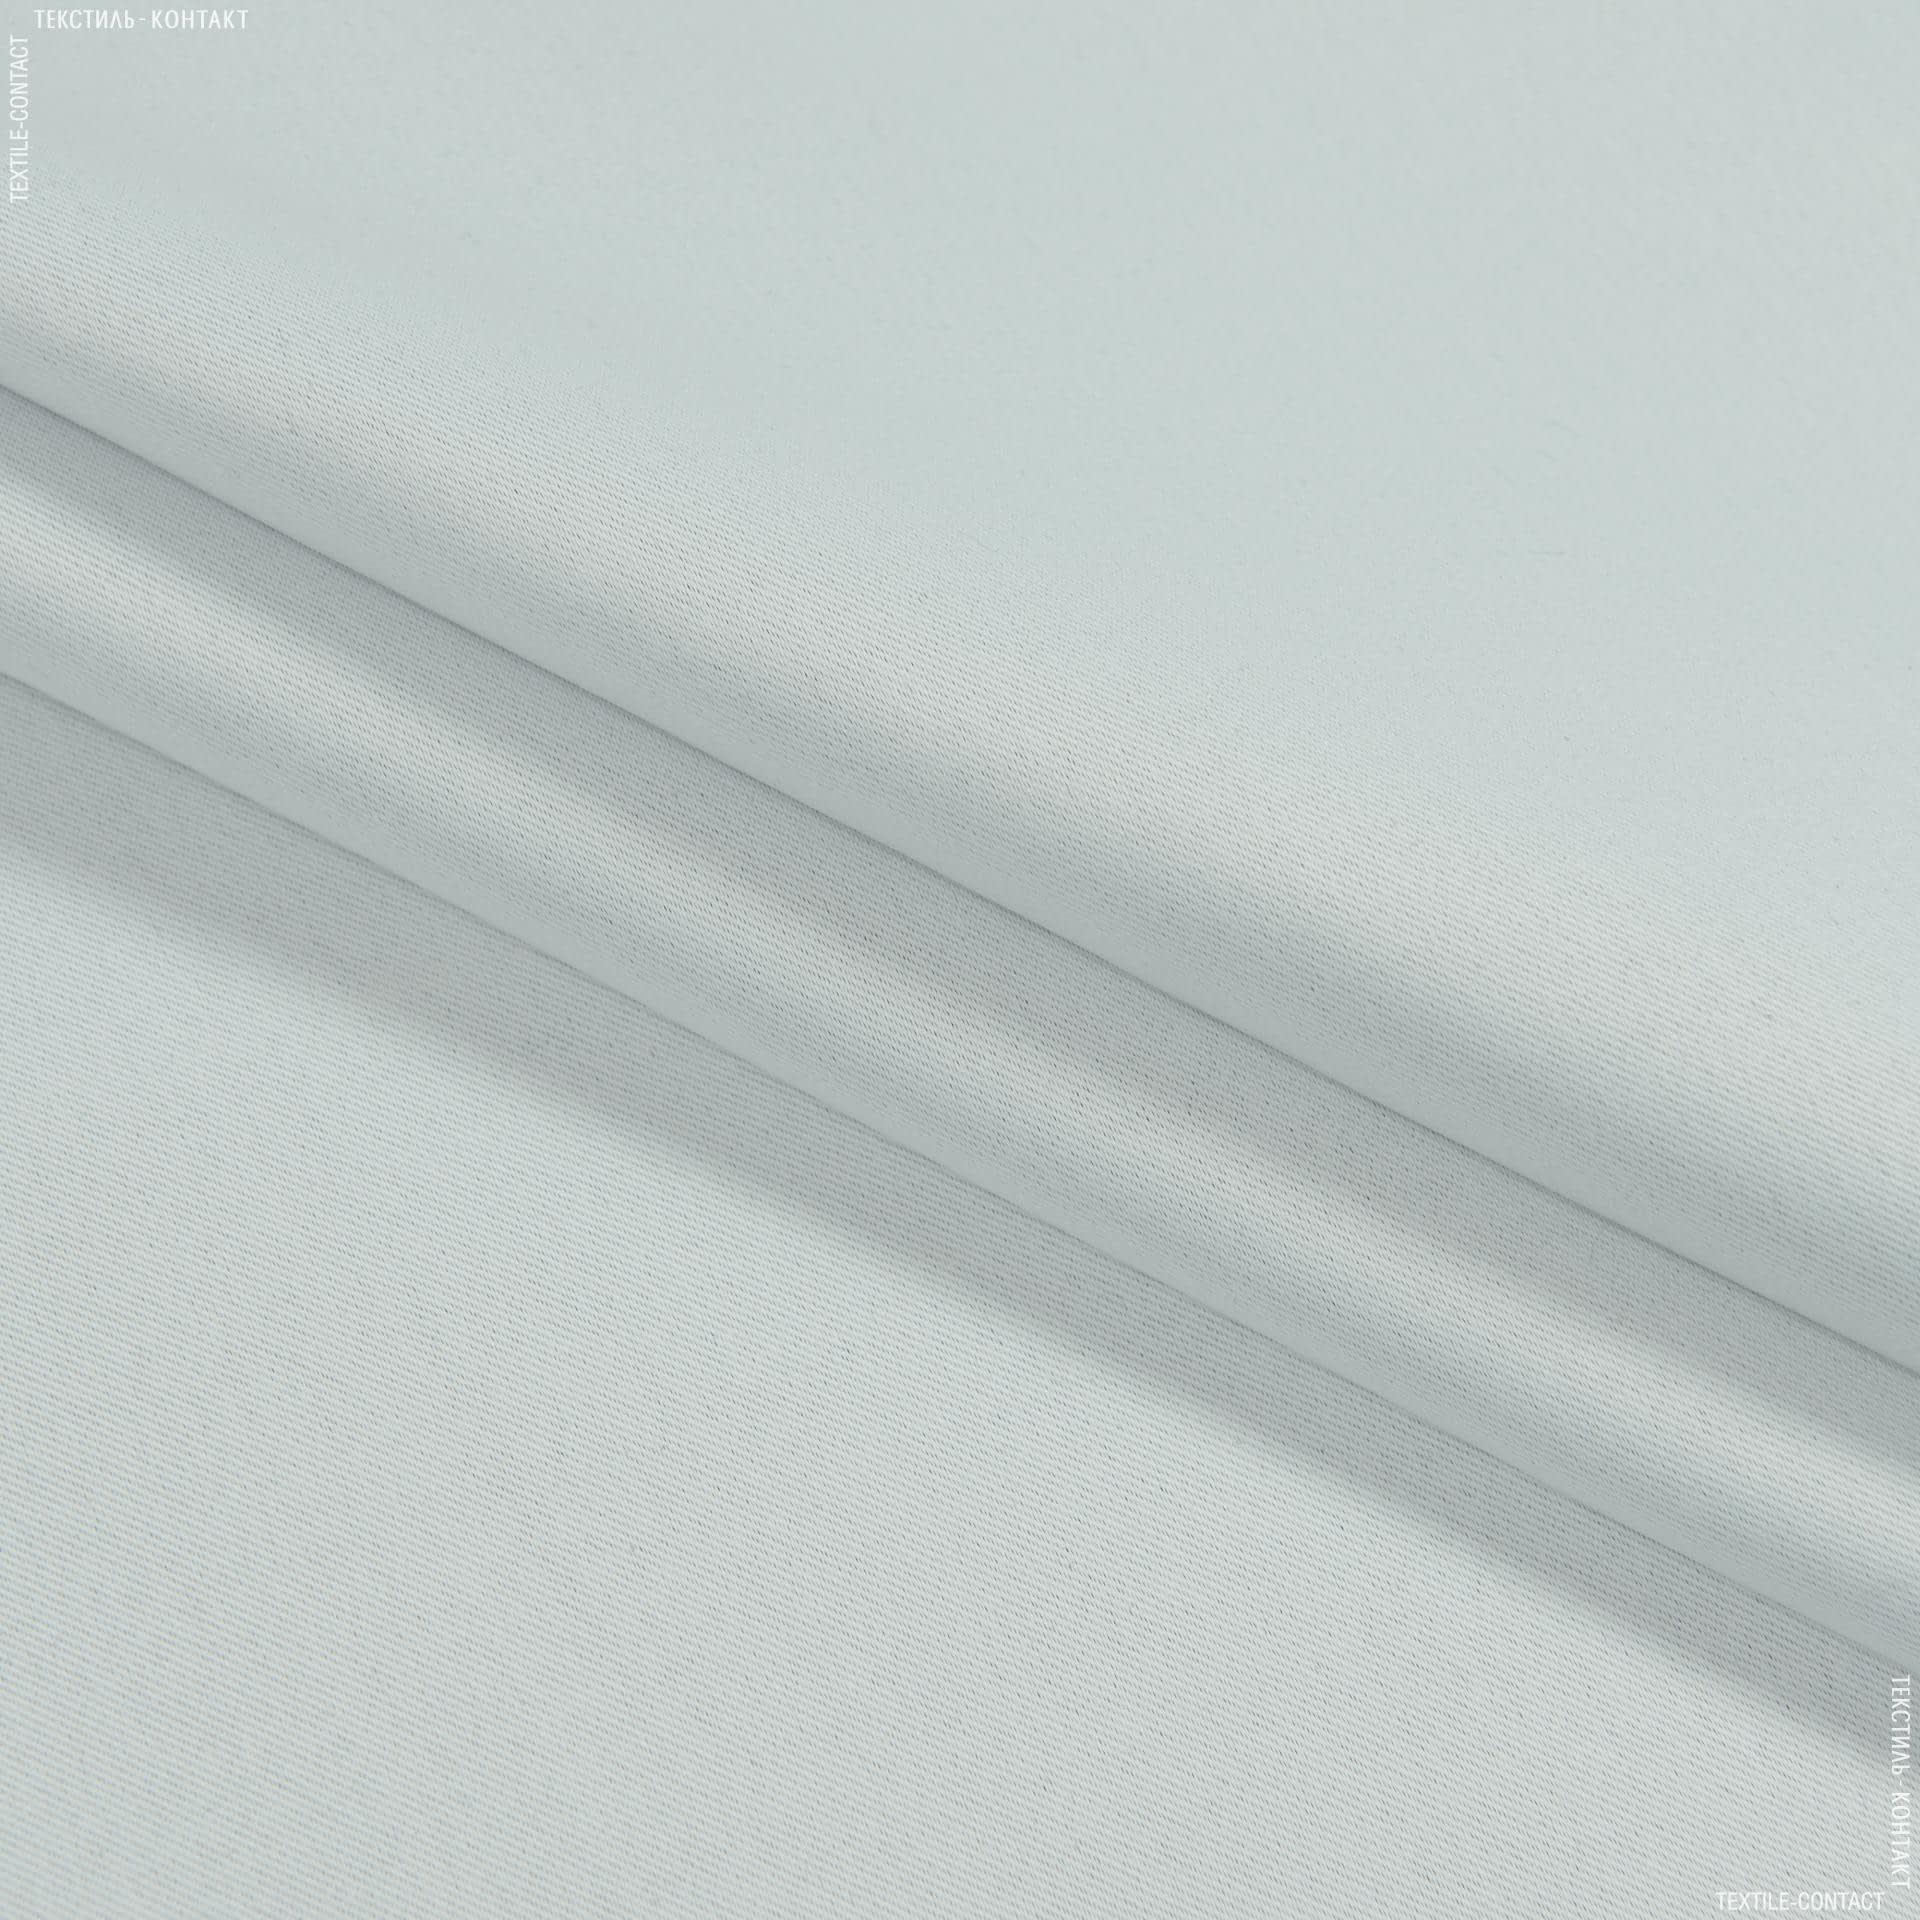 Ткани портьерные ткани - Блекаут / BLACKOUT серый перламутр